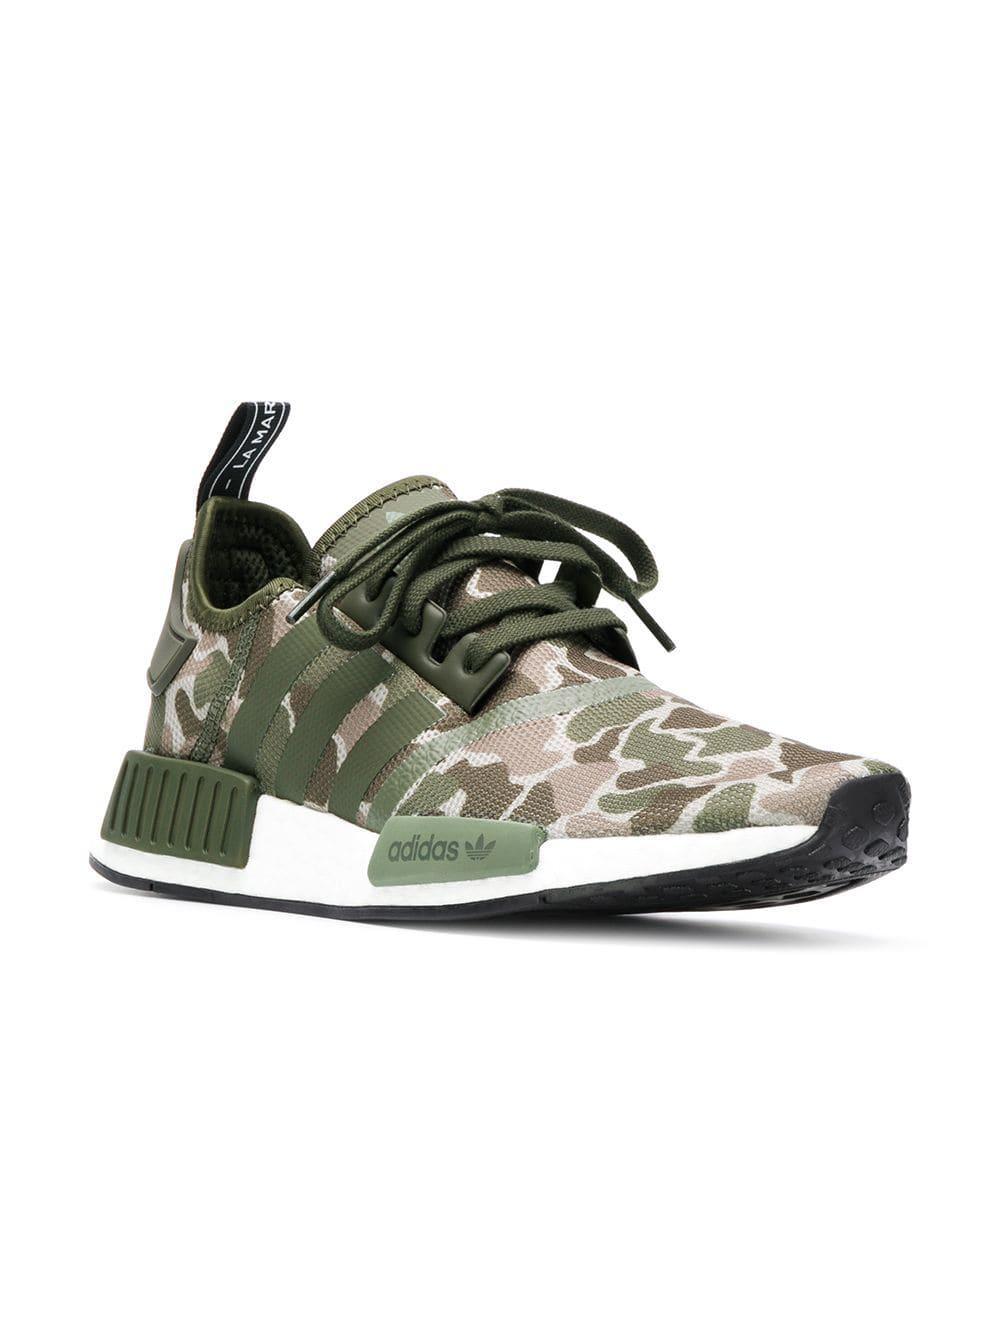 0de9a1c59b59 Lyst - adidas Originals Nmd R1 Boost in Green for Men